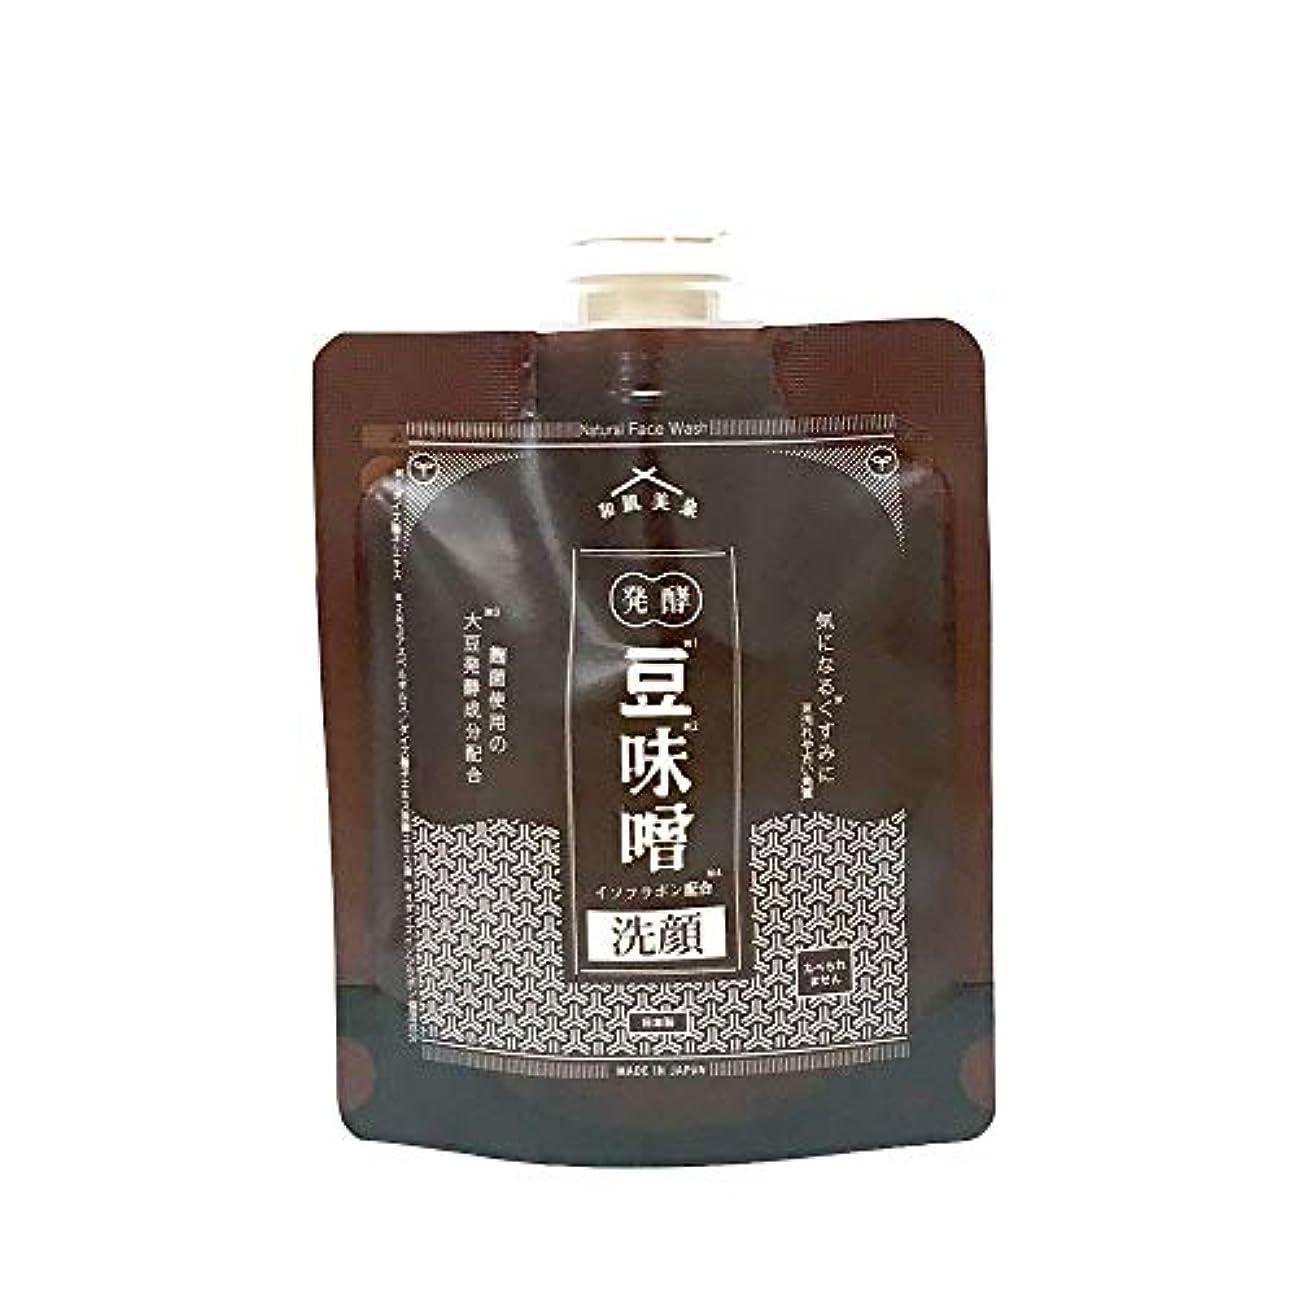 素敵な深さ条約和肌美泉 発酵•豆味噌イソフラボン洗顔 100g